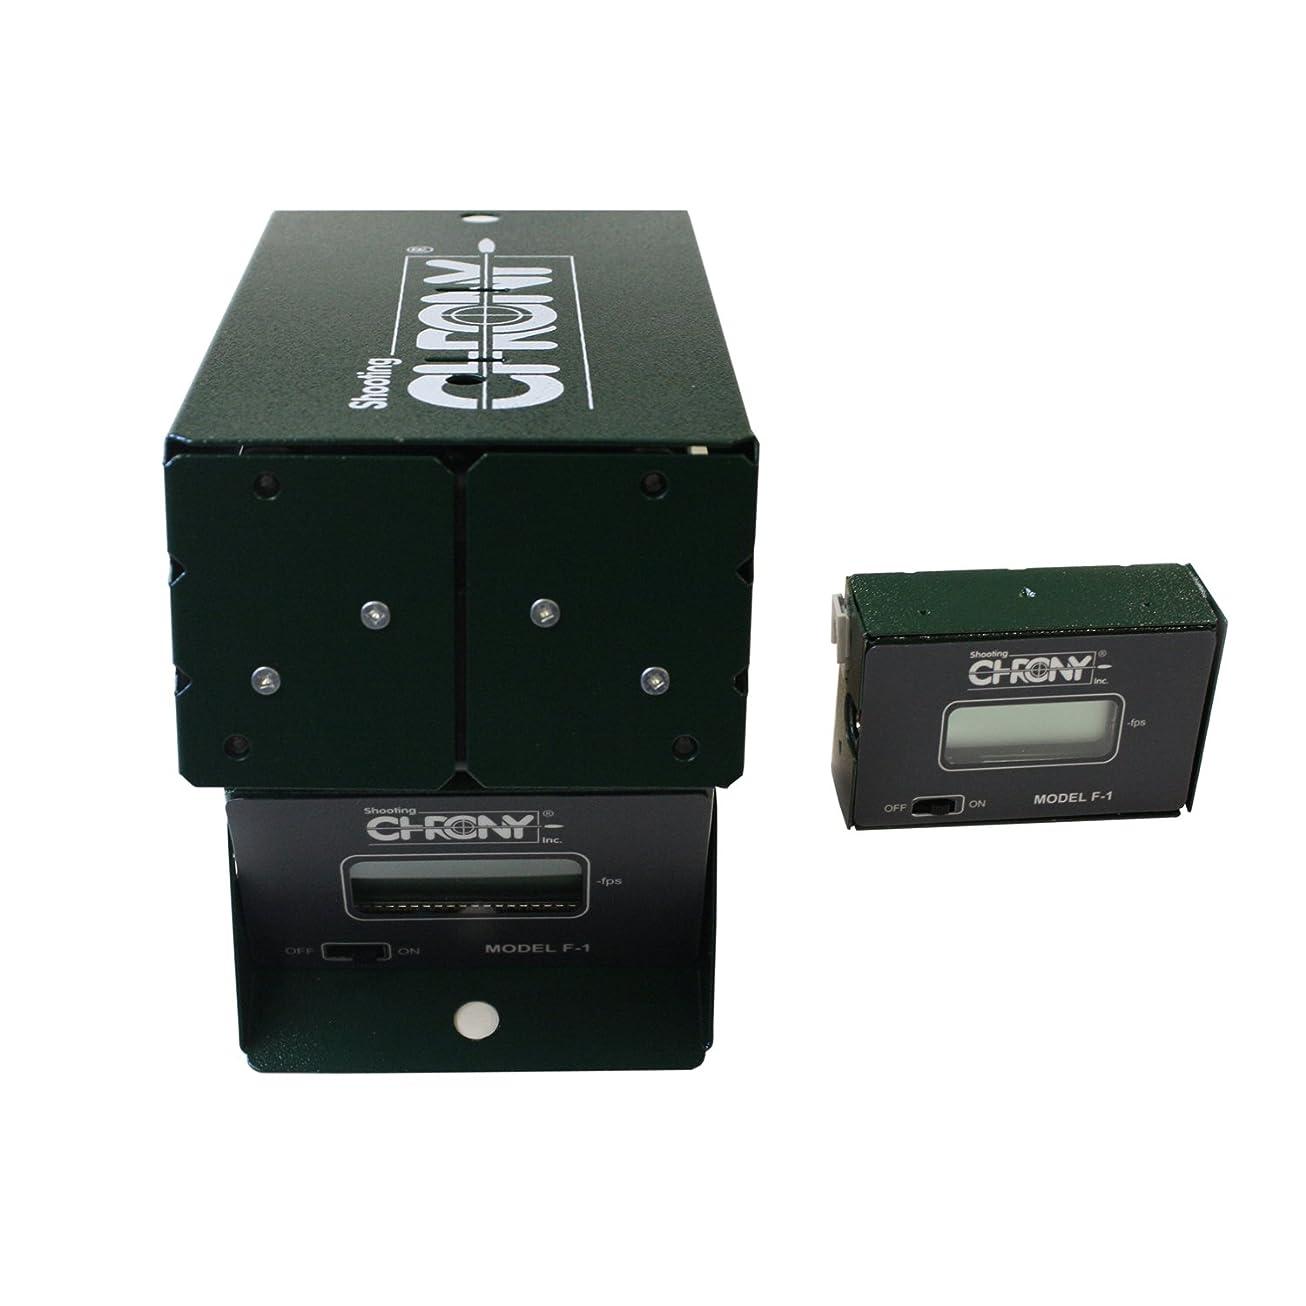 拡声器ミスペンドサスペンション速度を測定★7000099 F1マスタークロノグラフ Shooting Chrony社 Green【並行輸入】